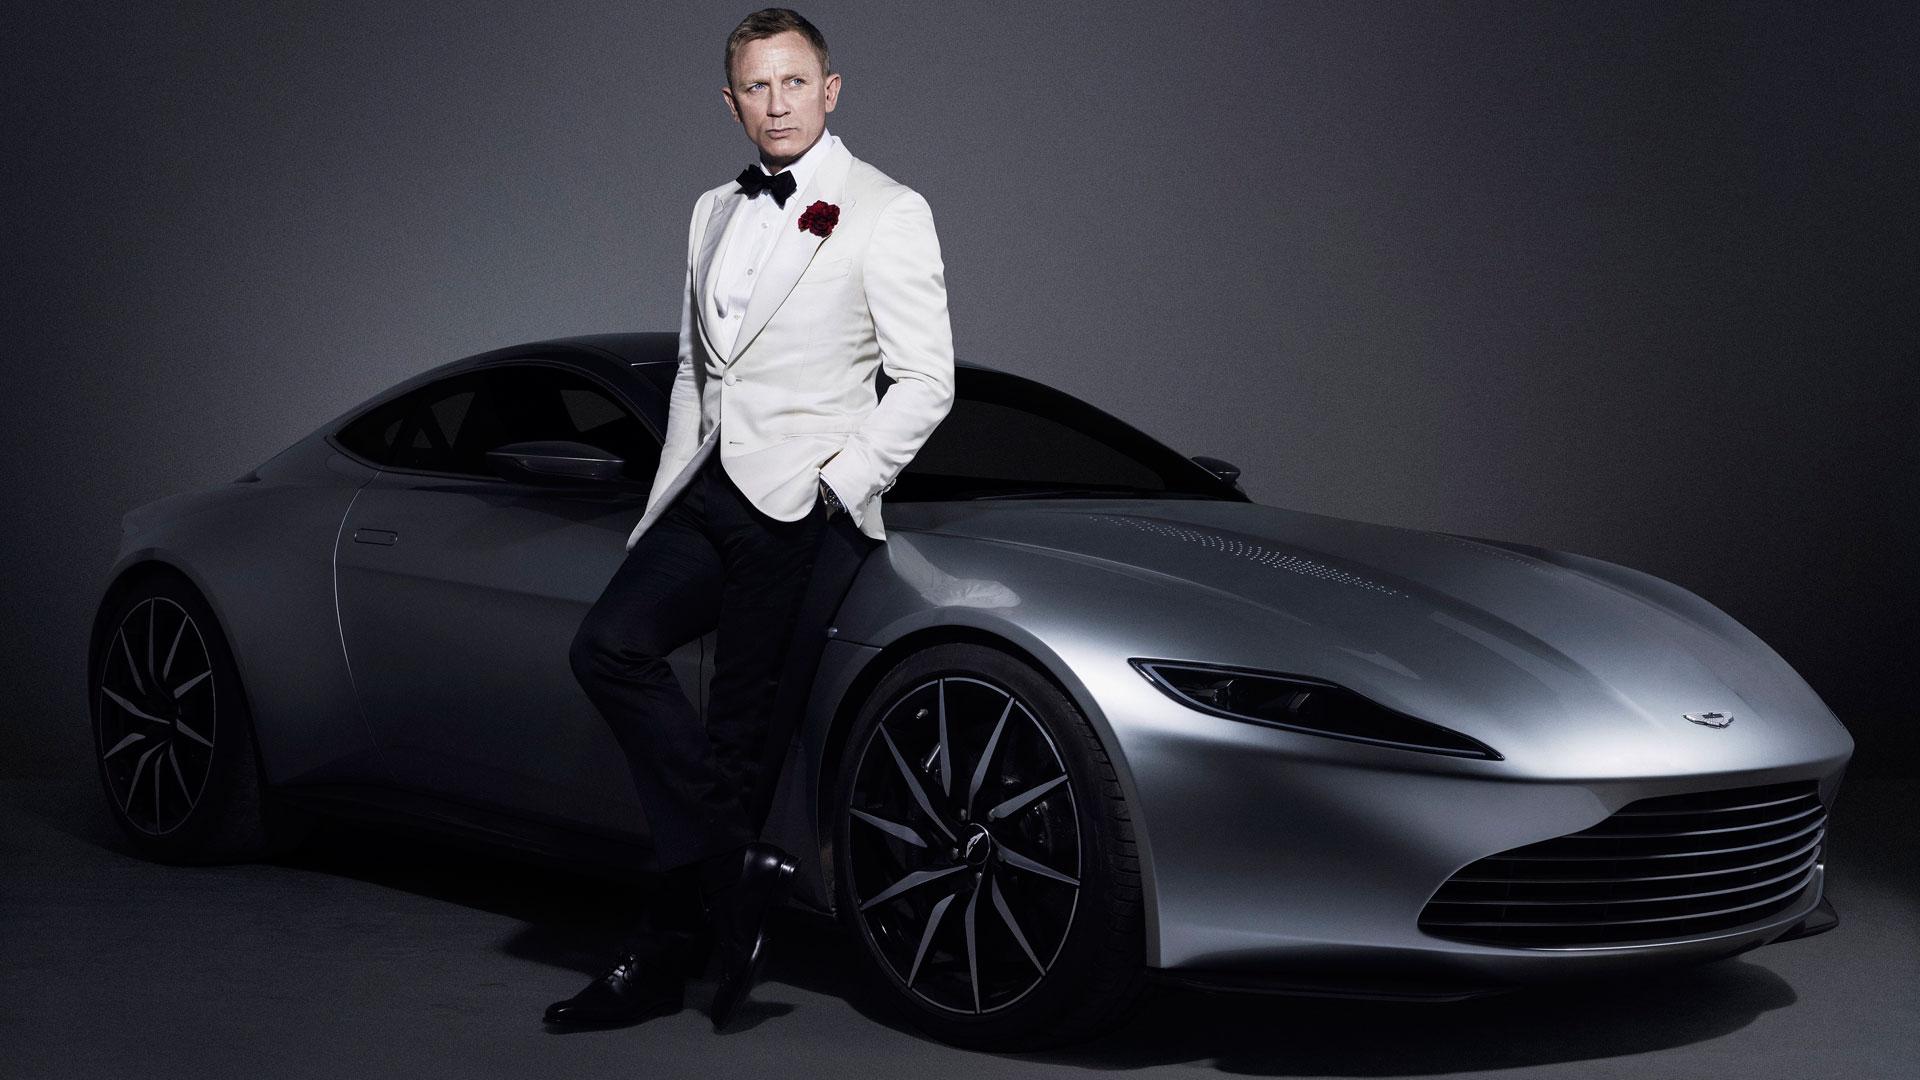 Daniel Craig James Bond et son Aston Martin DB10, bientôt au volant de la Rapide E électrique